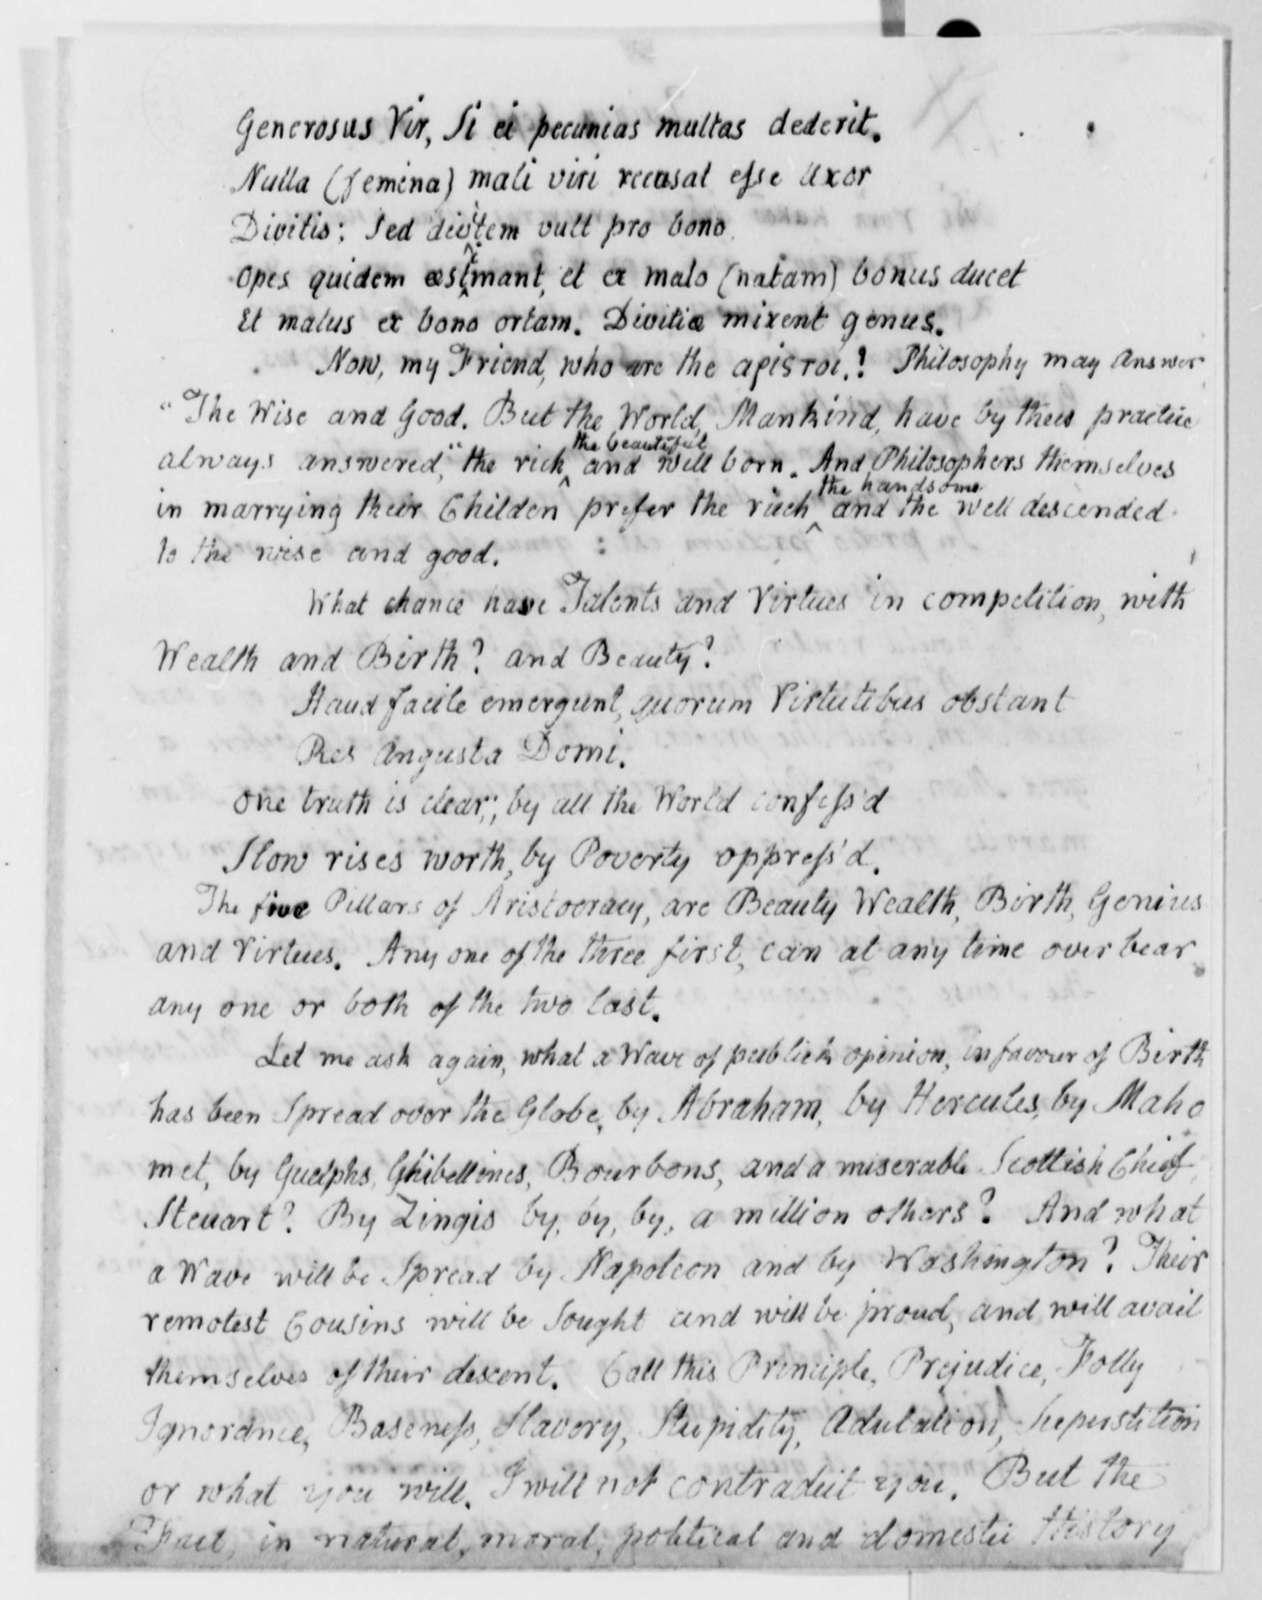 John Adams to Thomas Jefferson, September 2, 1813